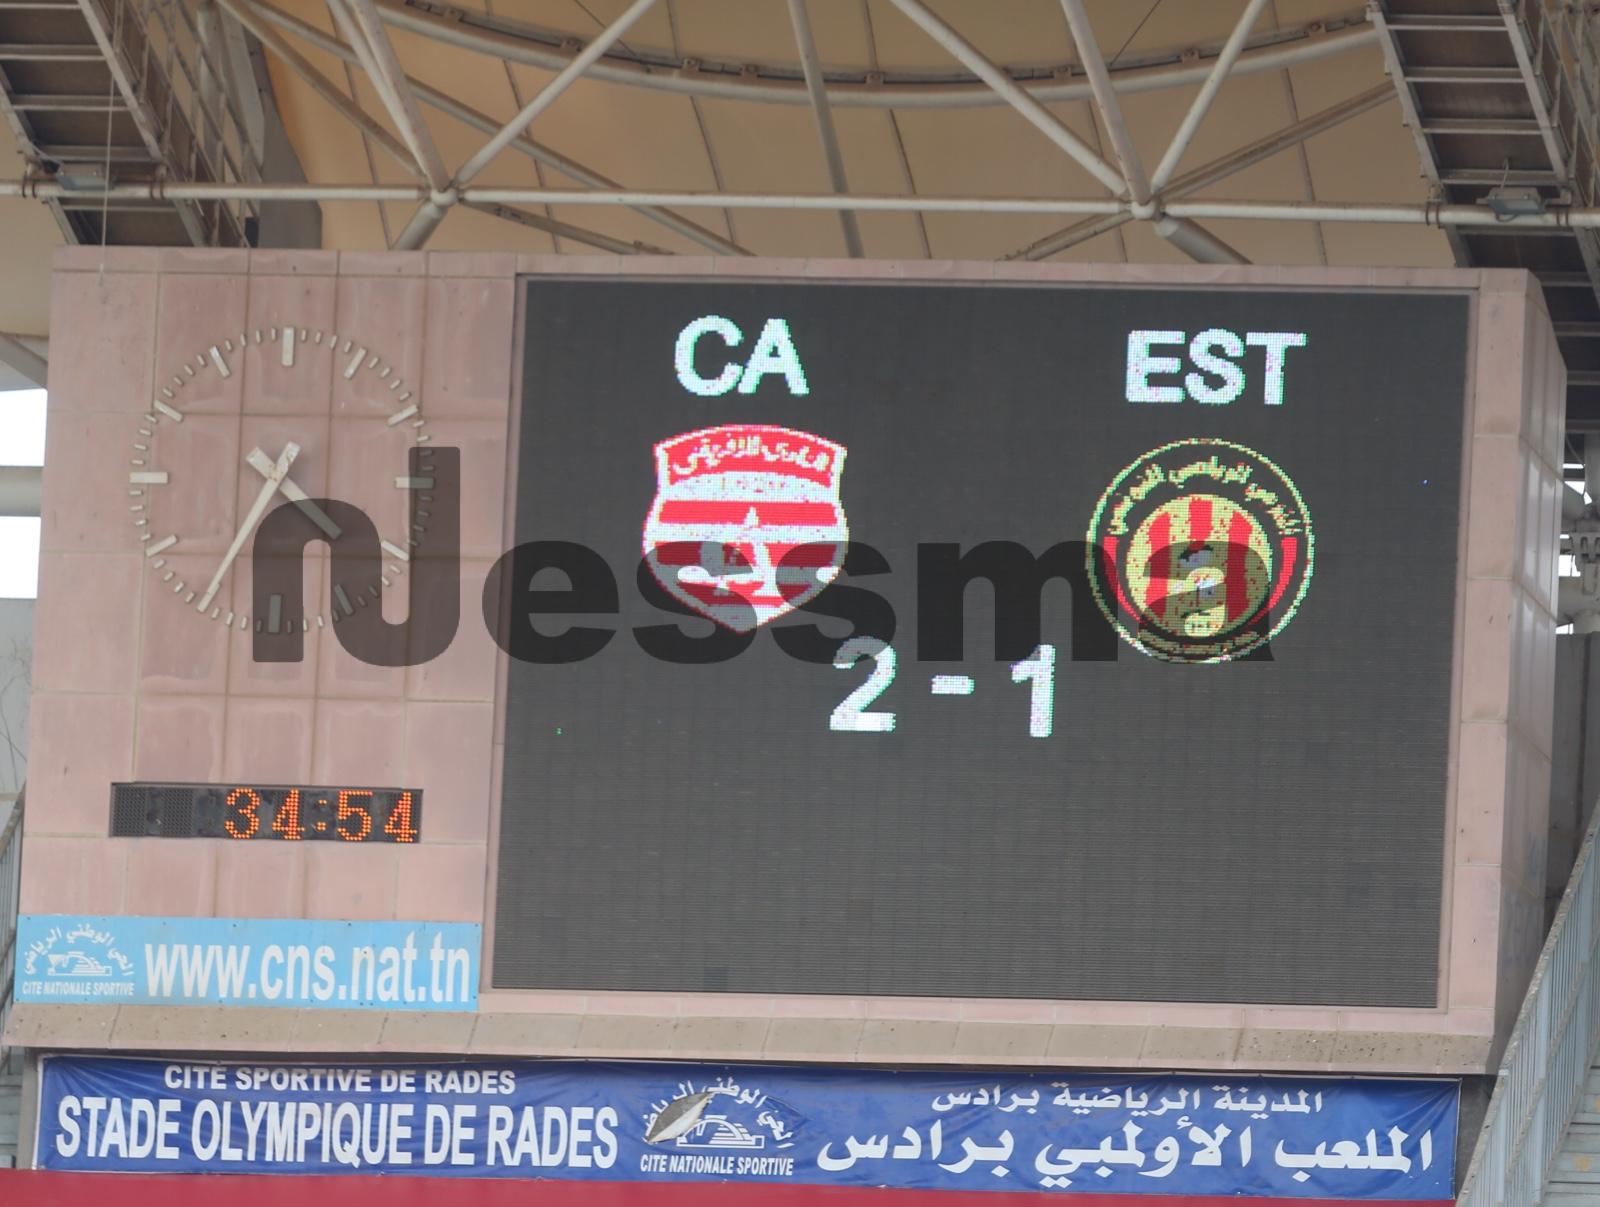 صور الشوط الثاني لدربي العاصمة بين النادي الافريقي و الترجي الرياضي التونسي